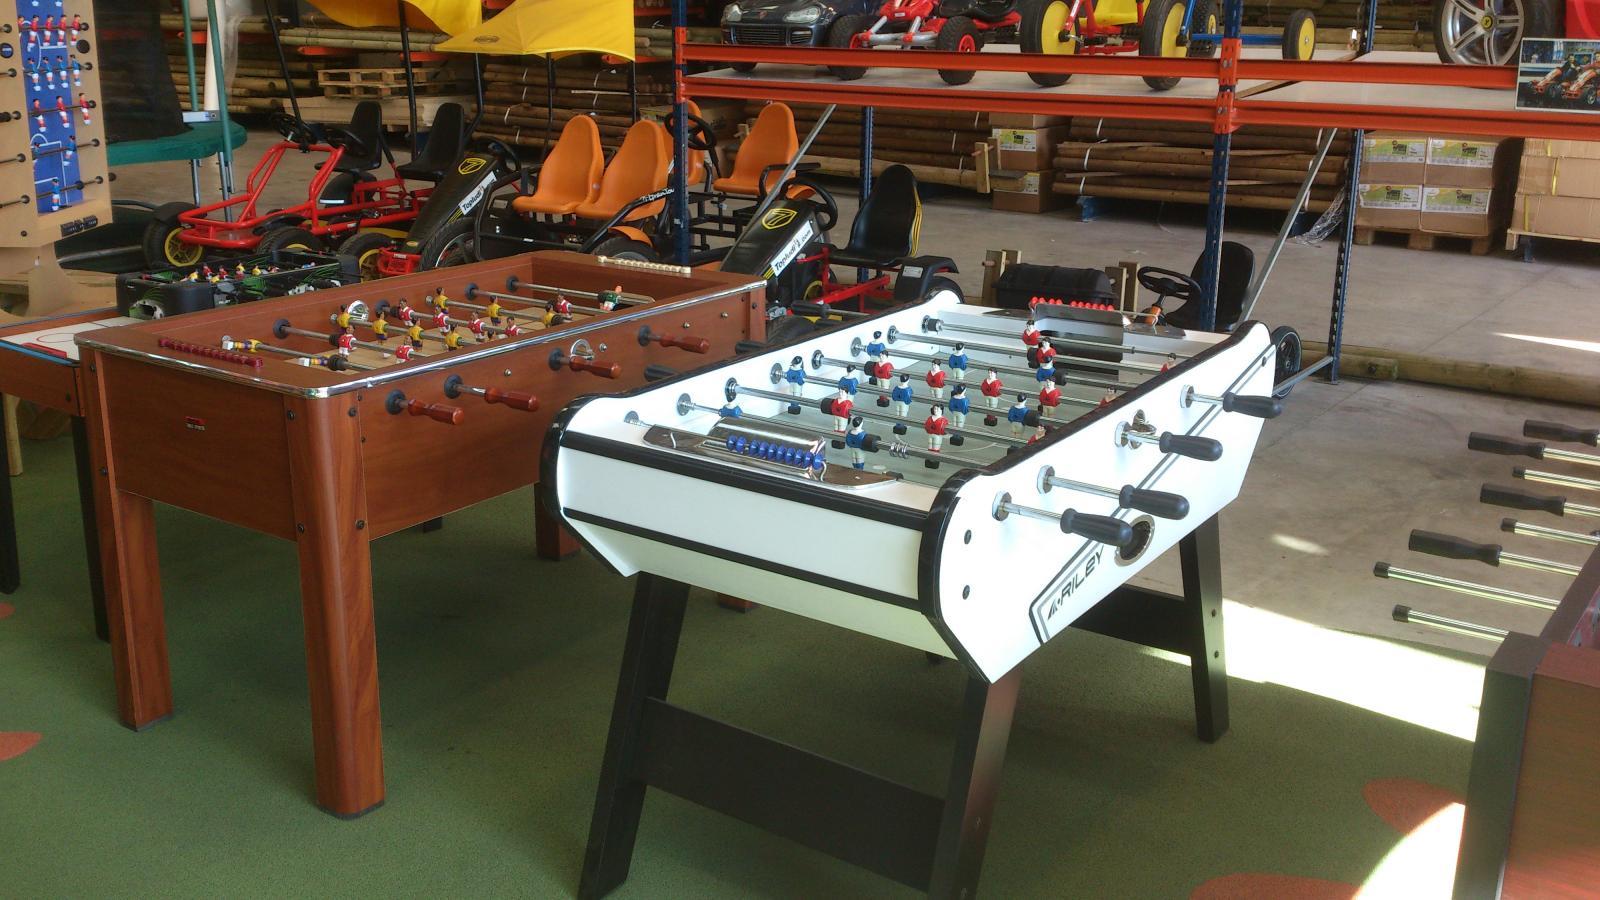 Futbolines y juegos activos